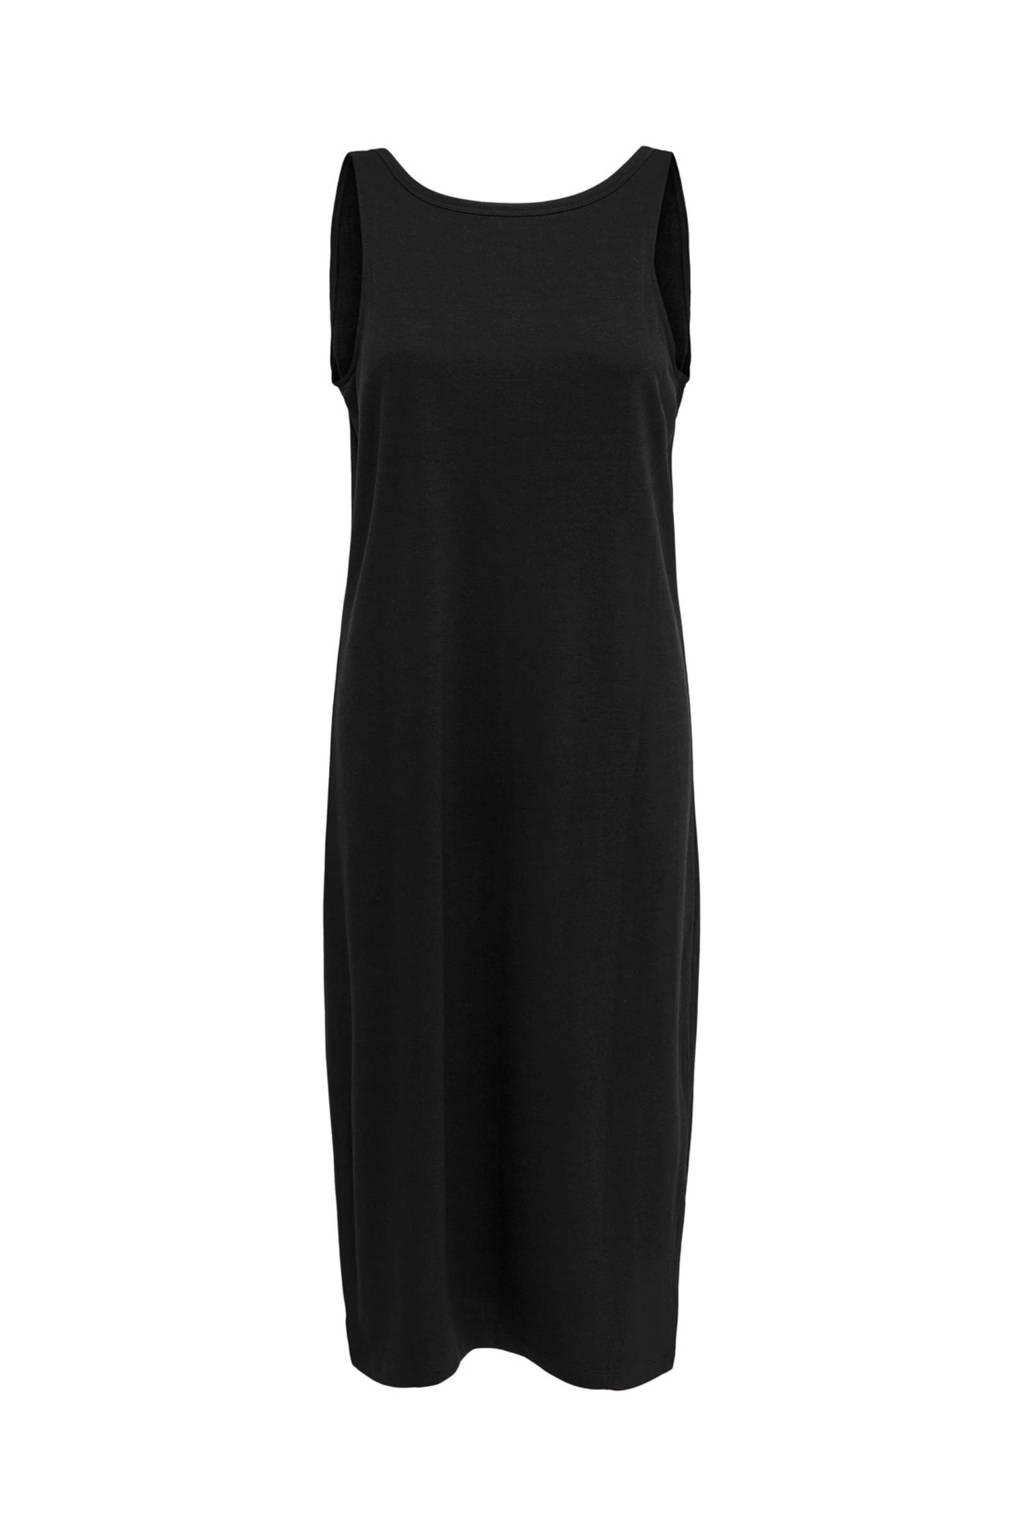 ONLY jersey jurk zwart, Zwart